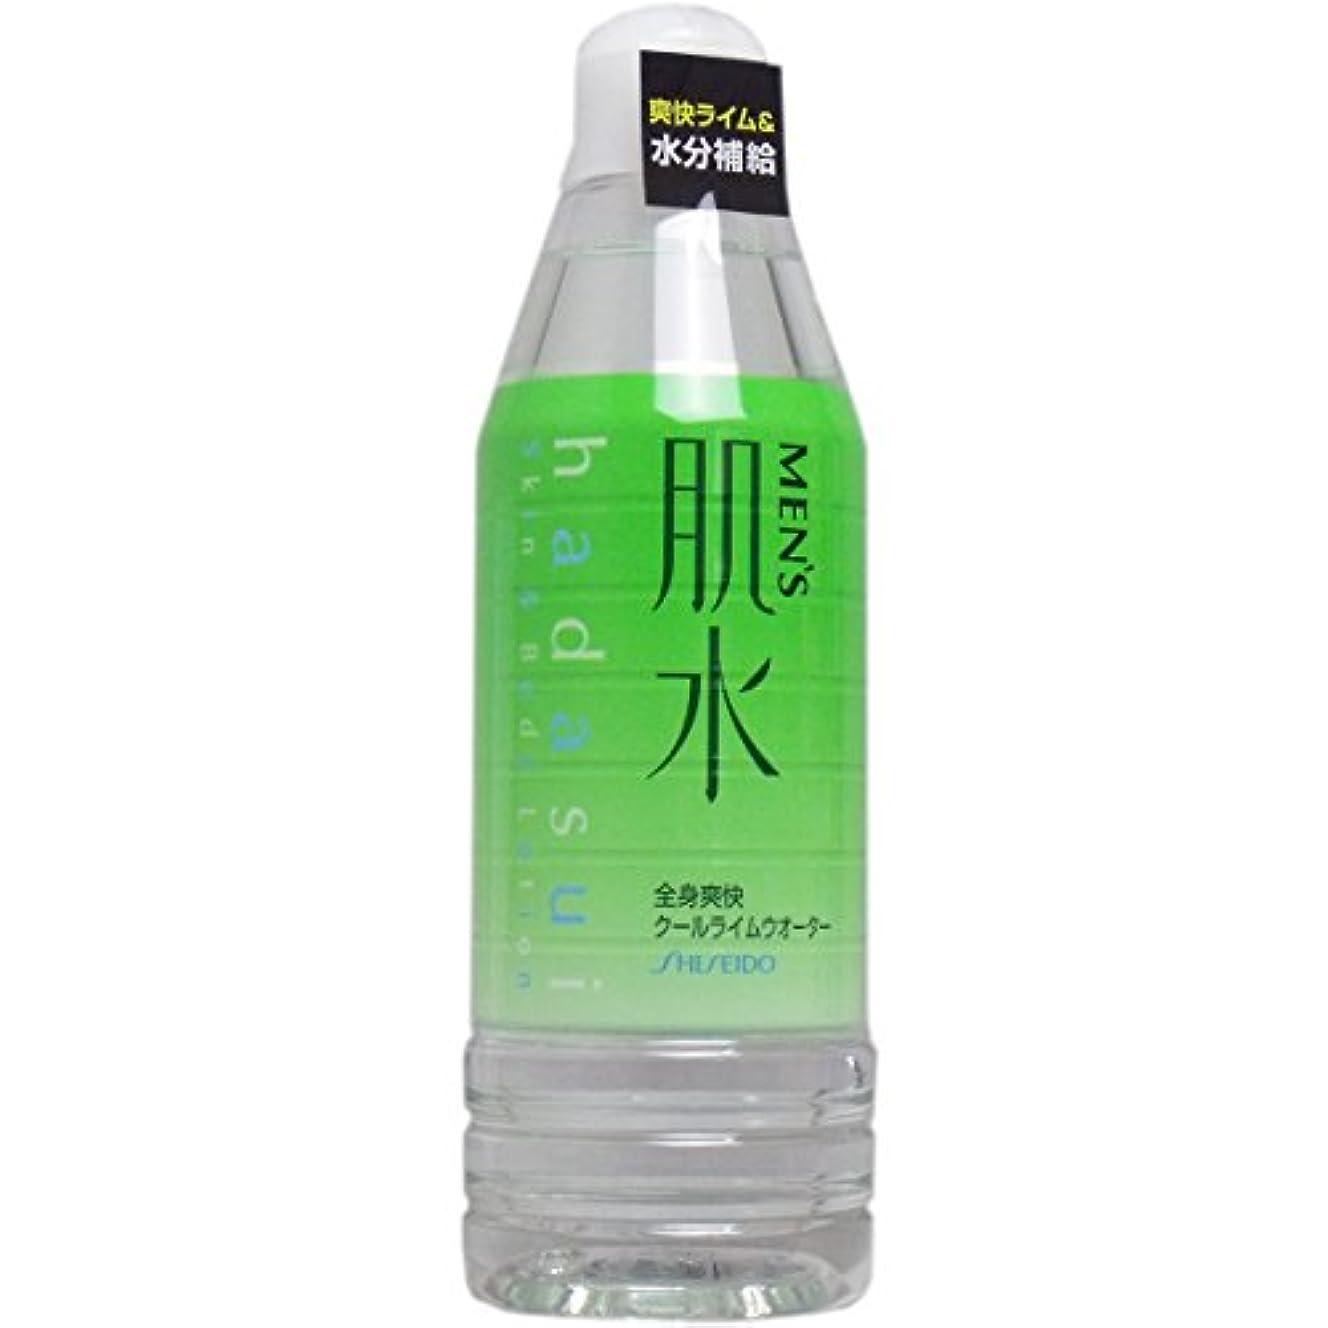 シルクシニス選択メンズ肌水 400ml ボトルタイプ